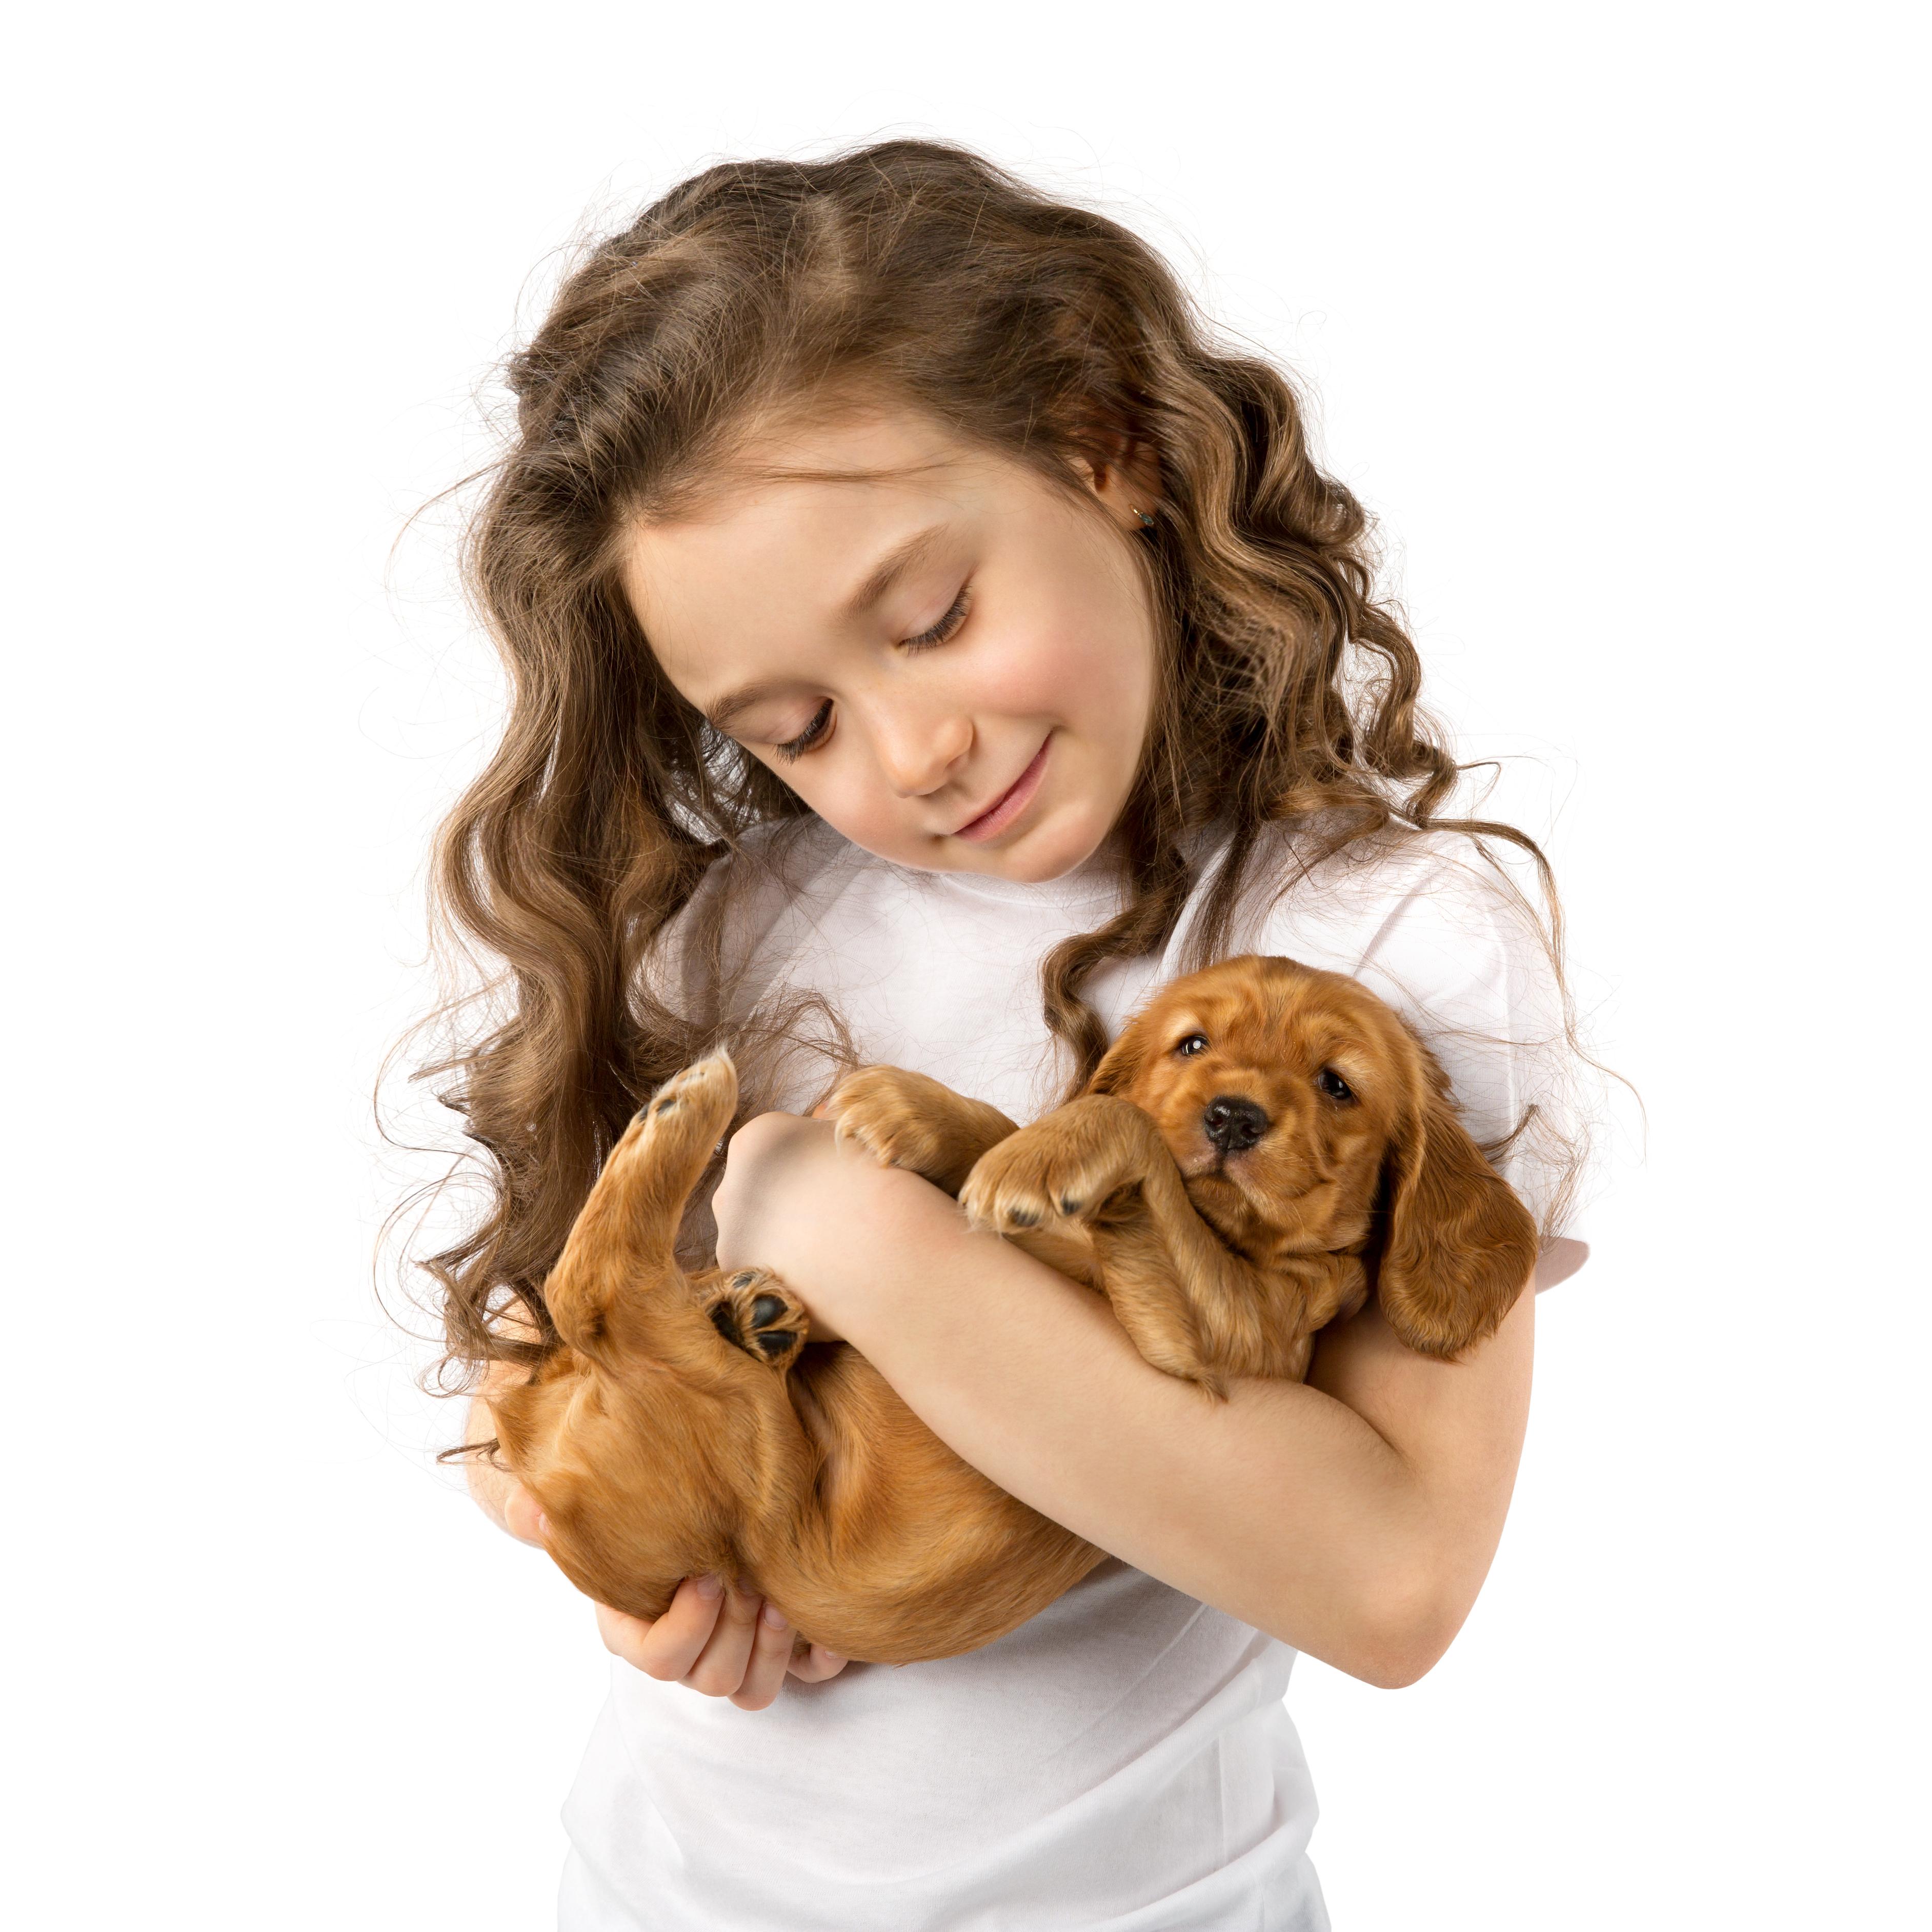 אינטראקציה בריאה בין הילד לבעל החיים (צילום: shutterstock)